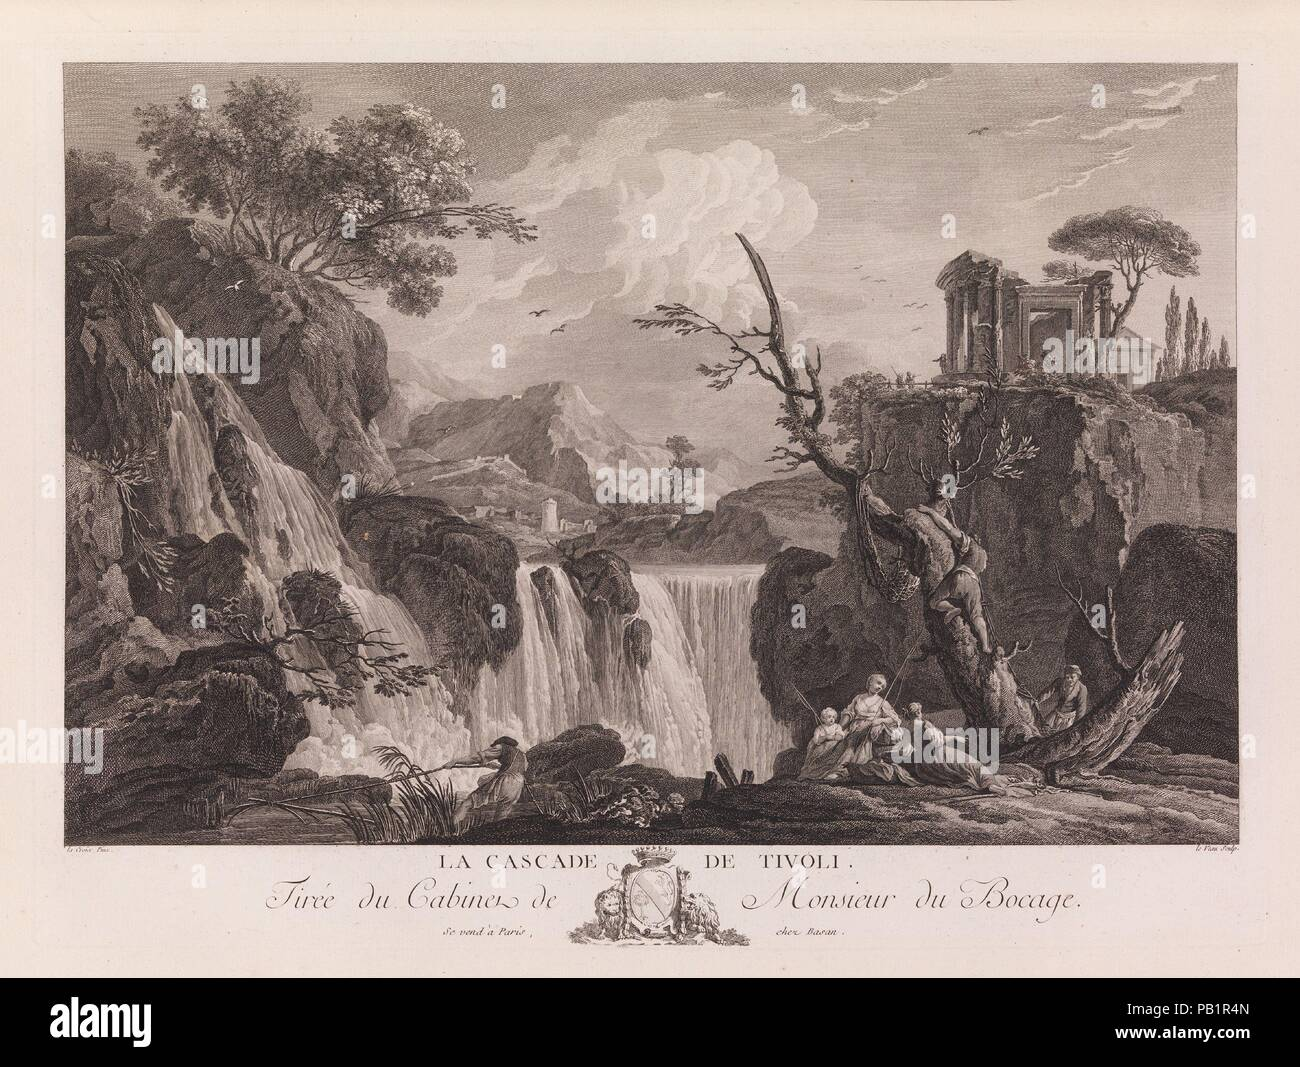 Oeuvres de Joseph Vernet...représentant divers ports de mer en France et d'Italie. Designer: Conçu par Joseph Vernet (Avignon 1714-1789 Français, Paris). Dimensions: hors tout: 24 x 13/16 x 11/16 19 2 9/16 in. (63 x 50 x 6,5 cm). Graveur: Charles Nicolas Cochin II (français, Paris 1715-1790 Paris); (pls. 81-198); Jacques Philippe Le Bas (français, Paris 1707-1783 Paris); (pls. 8,9,11,13,69-70,71-72, 81-108); Jacques Aliamet (Français, Abbeville 1726-1788 Paris); (pls. 30,38,39,40,41,42,43,47); A. D. (français, actif 18e siècle); (pls. 51,52); F. Basan; (pls. 1,2); Peter Paul Benazech (British, c Banque D'Images